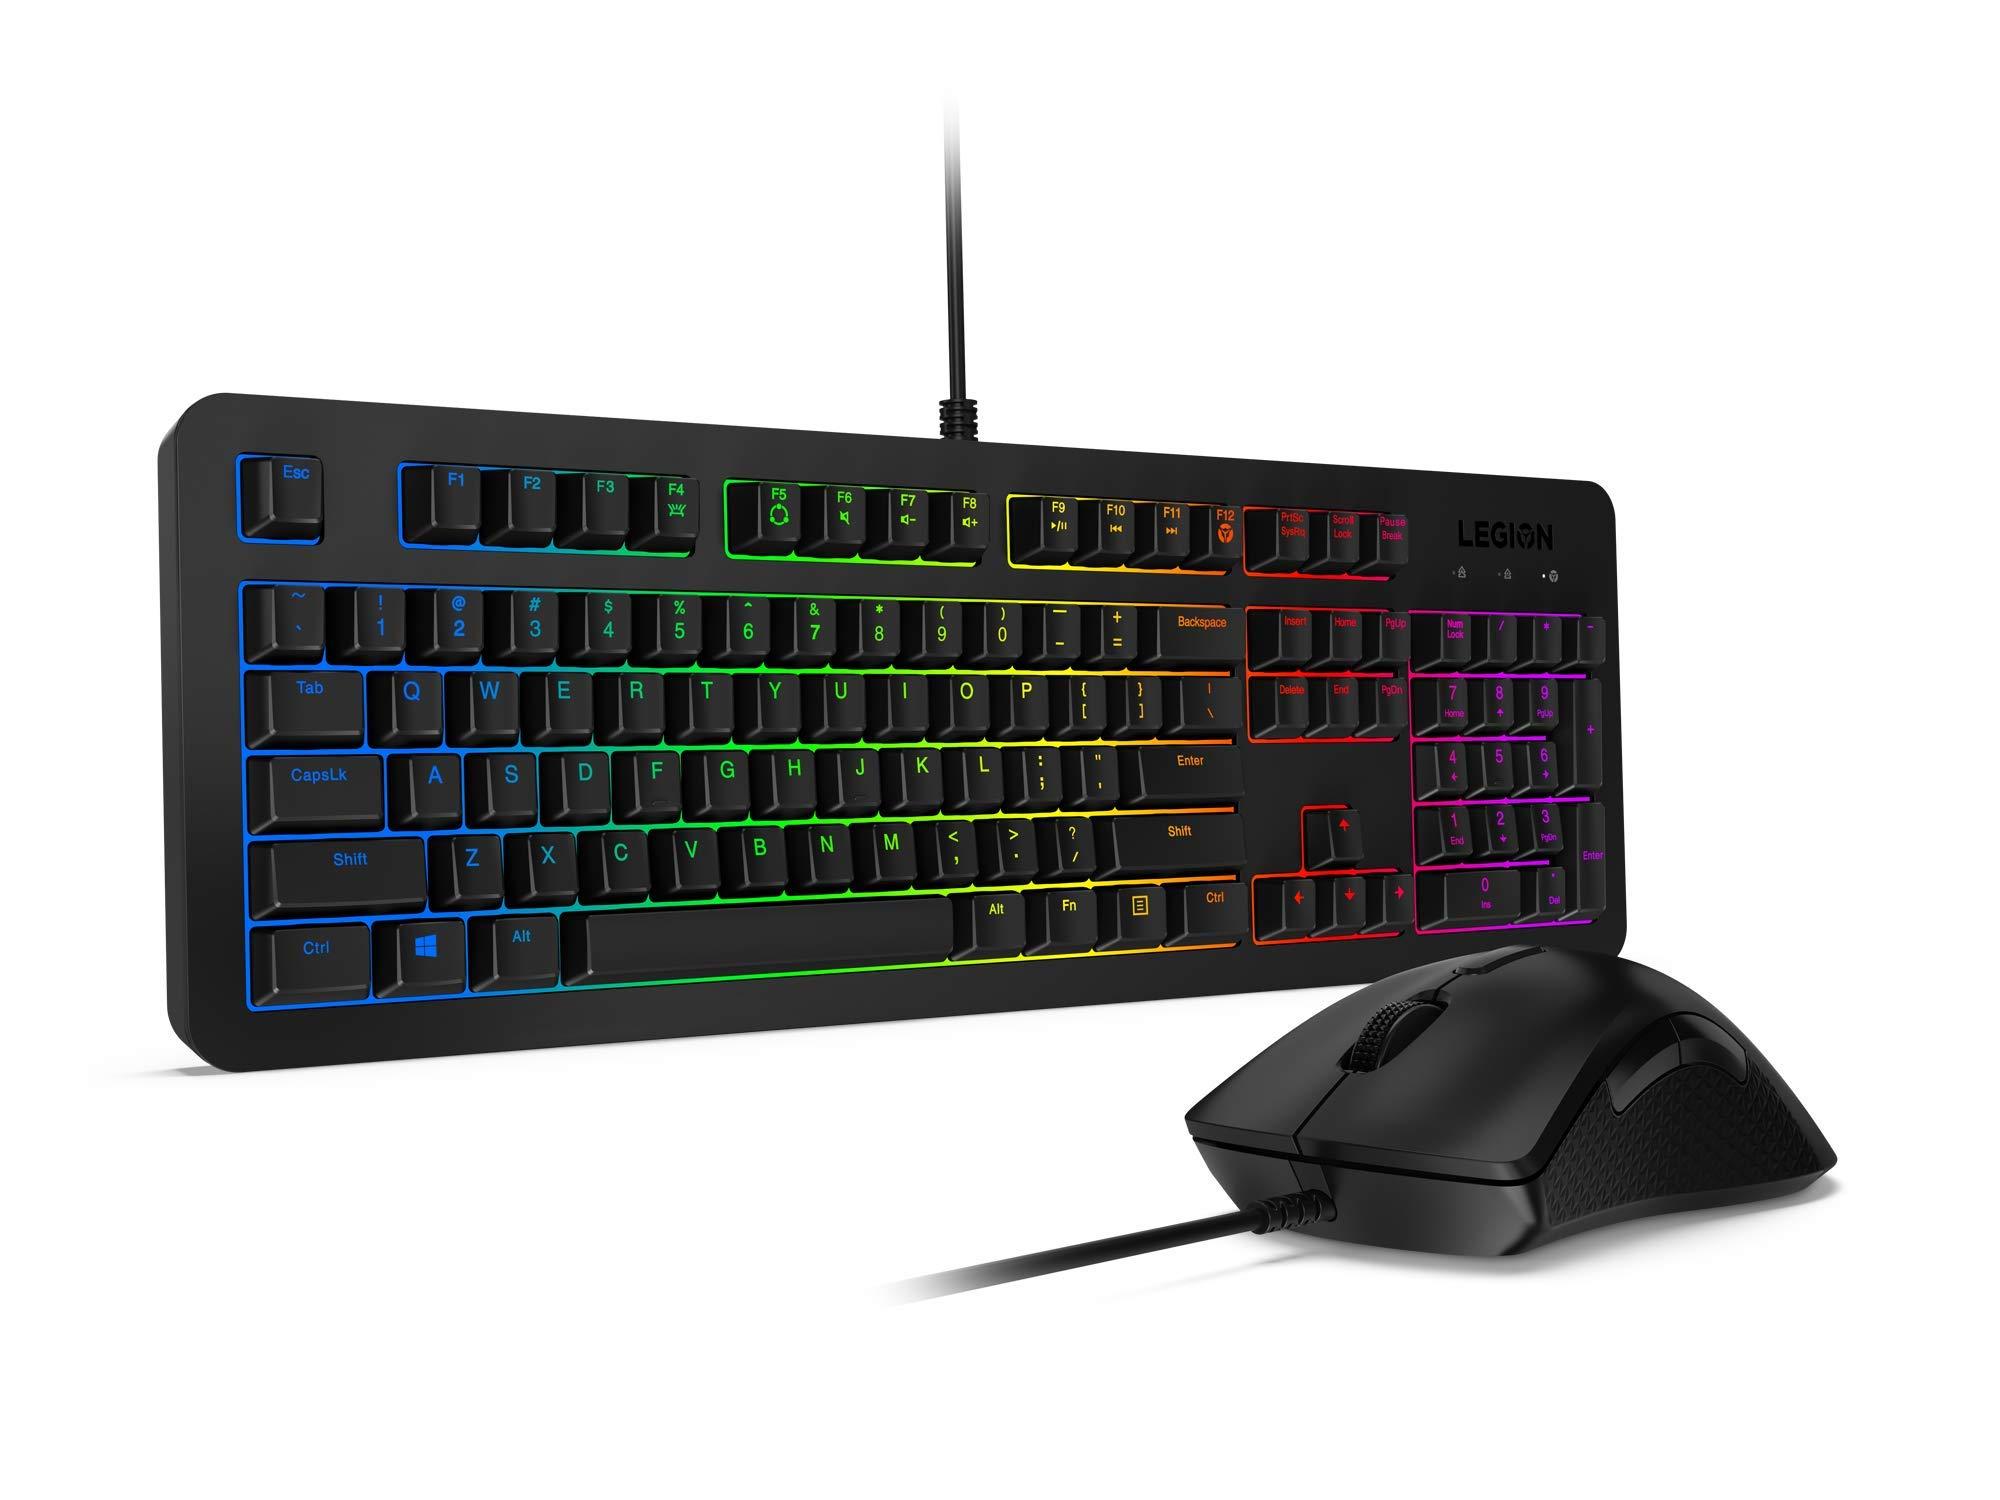 لوحة مفاتيح الألعاب ليجن K300 RGB 17.95x1.37x5.93بوصة أسود / أحمر / أزرق